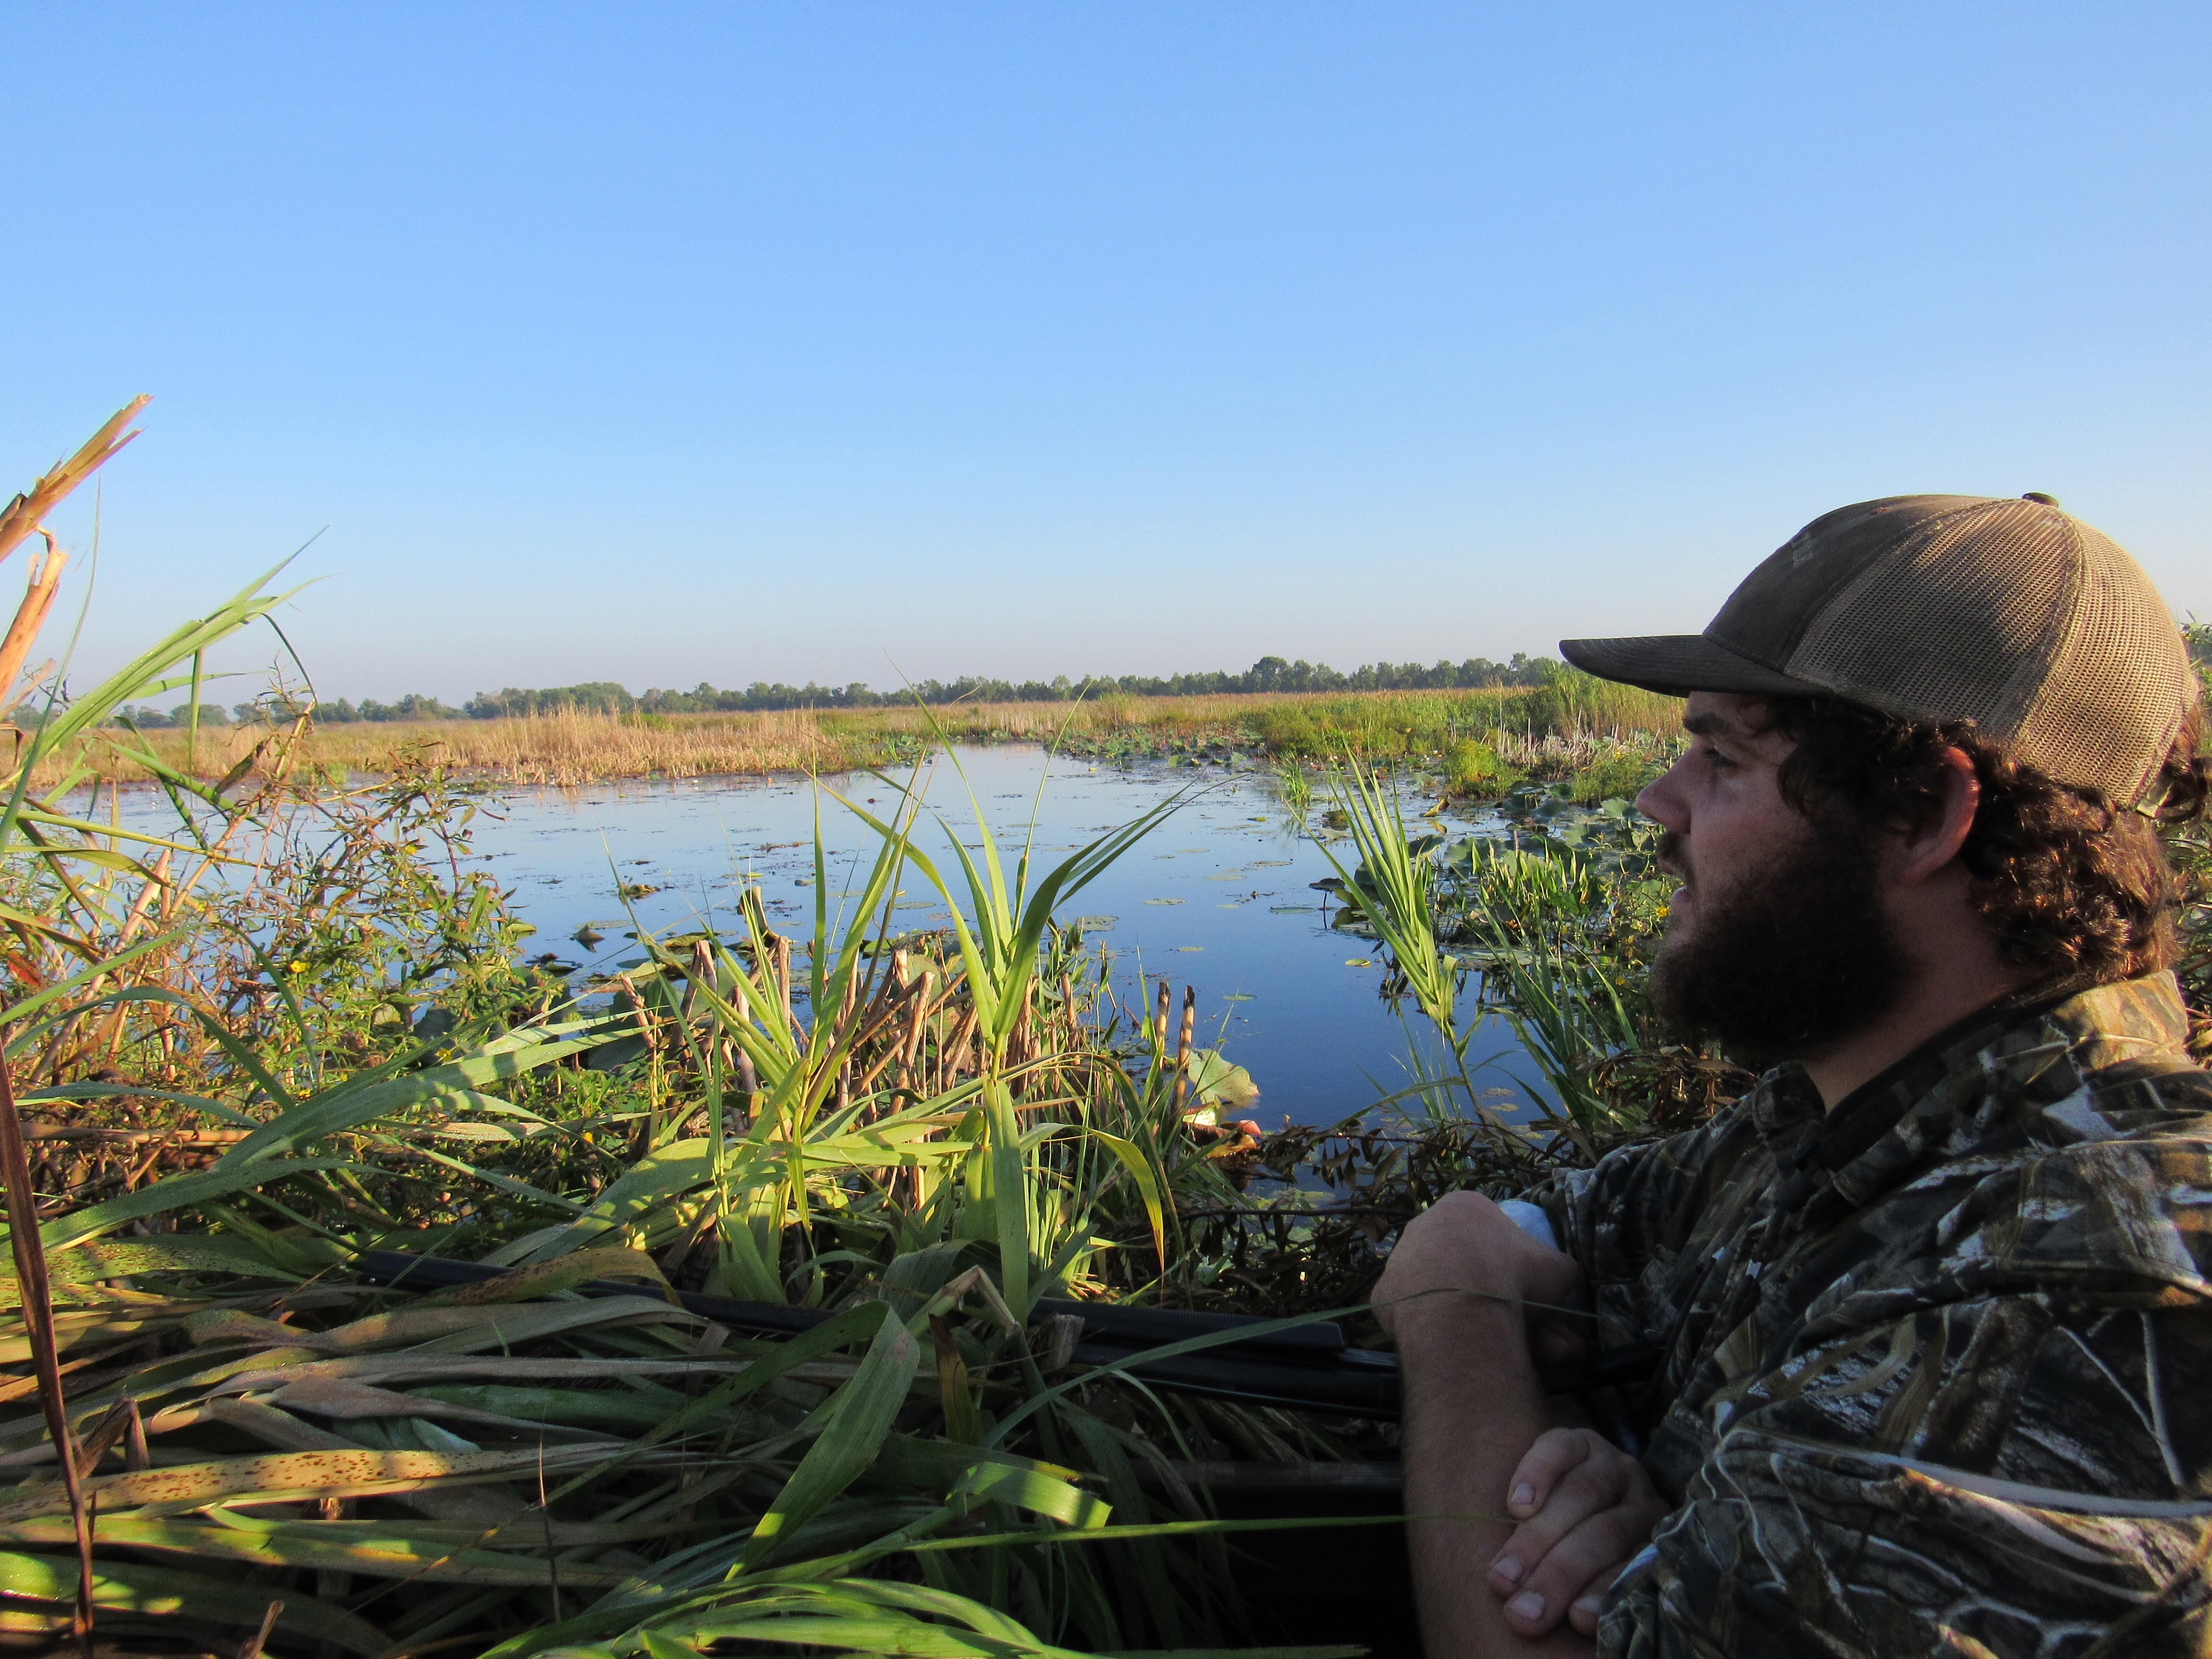 Hunting-Marsh-Louisina-Mia-Anstine-1.jpg